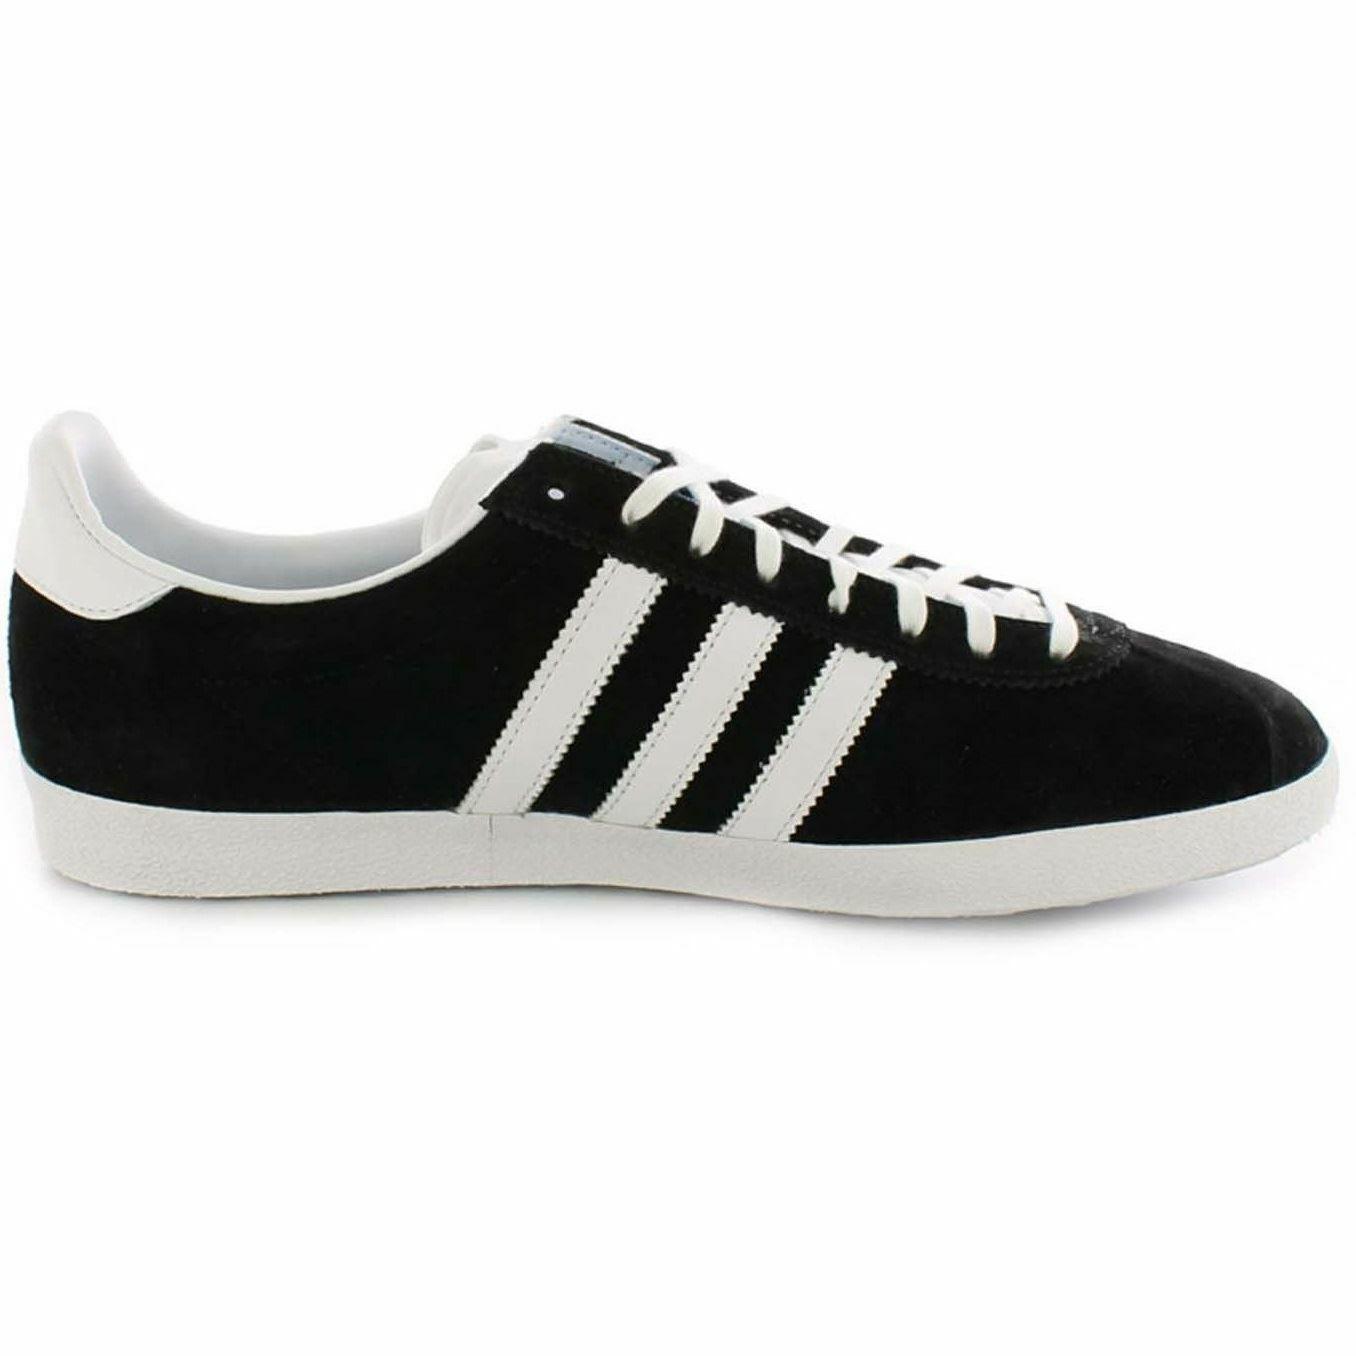 adidas Originals Gazelle OG Black White